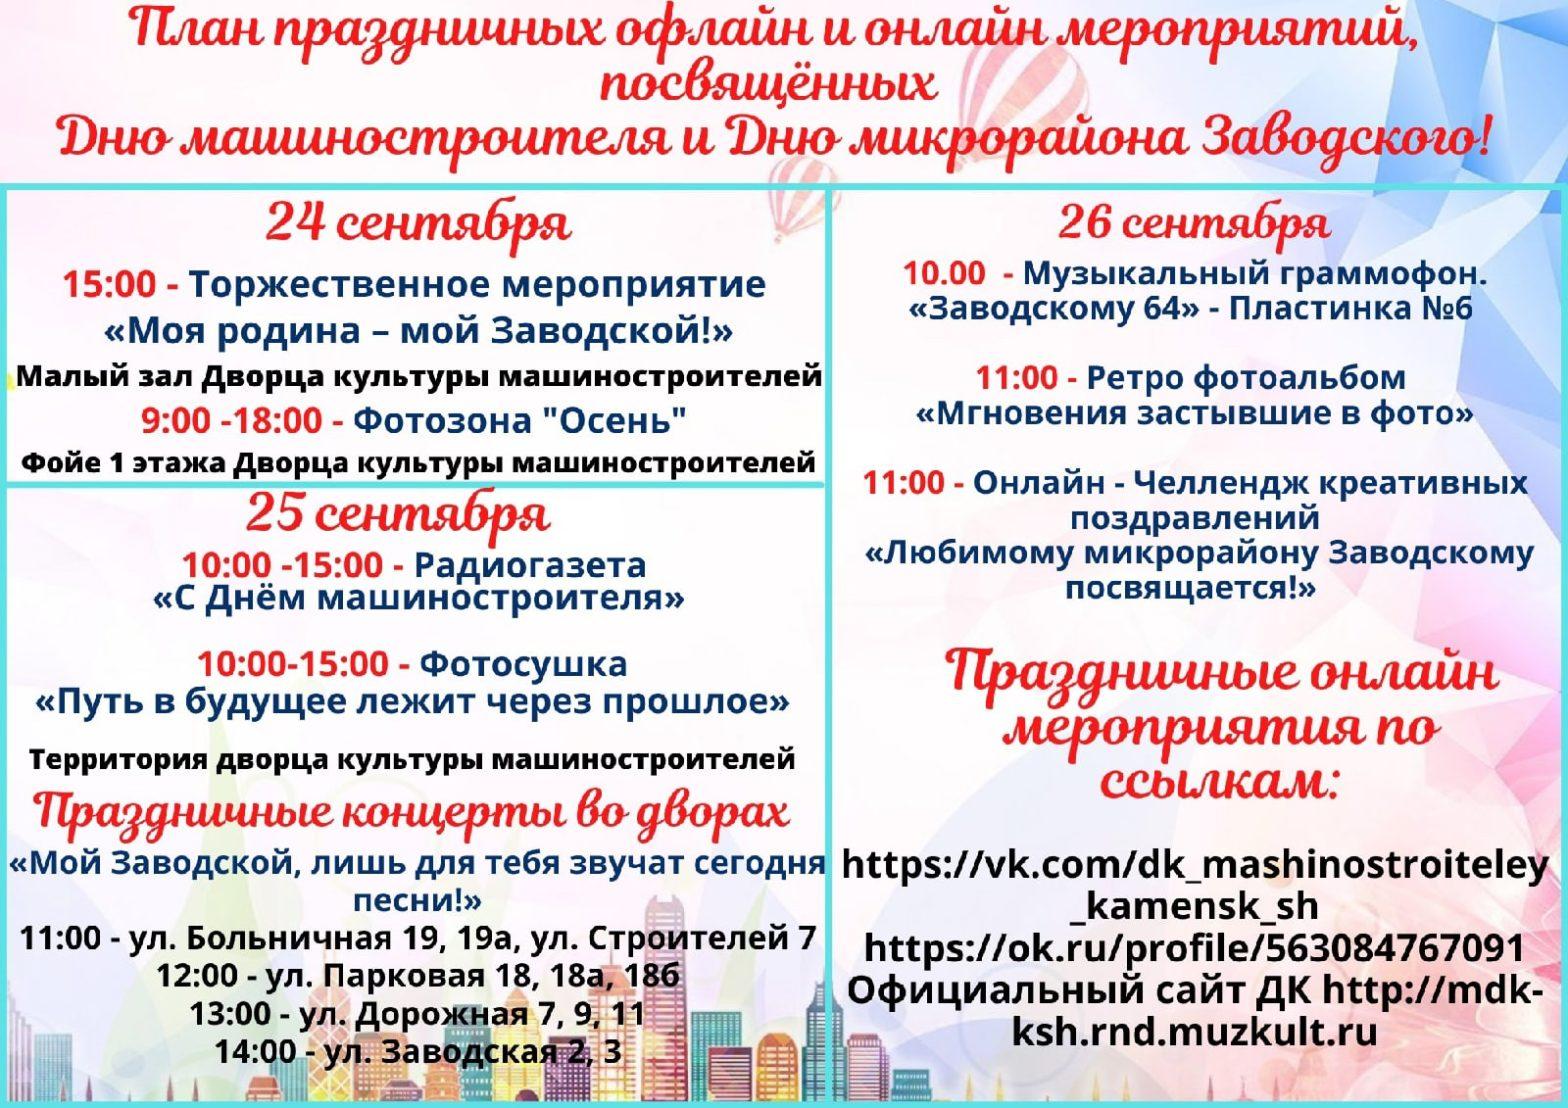 Микрорайон Заводской готовится к праздникам!